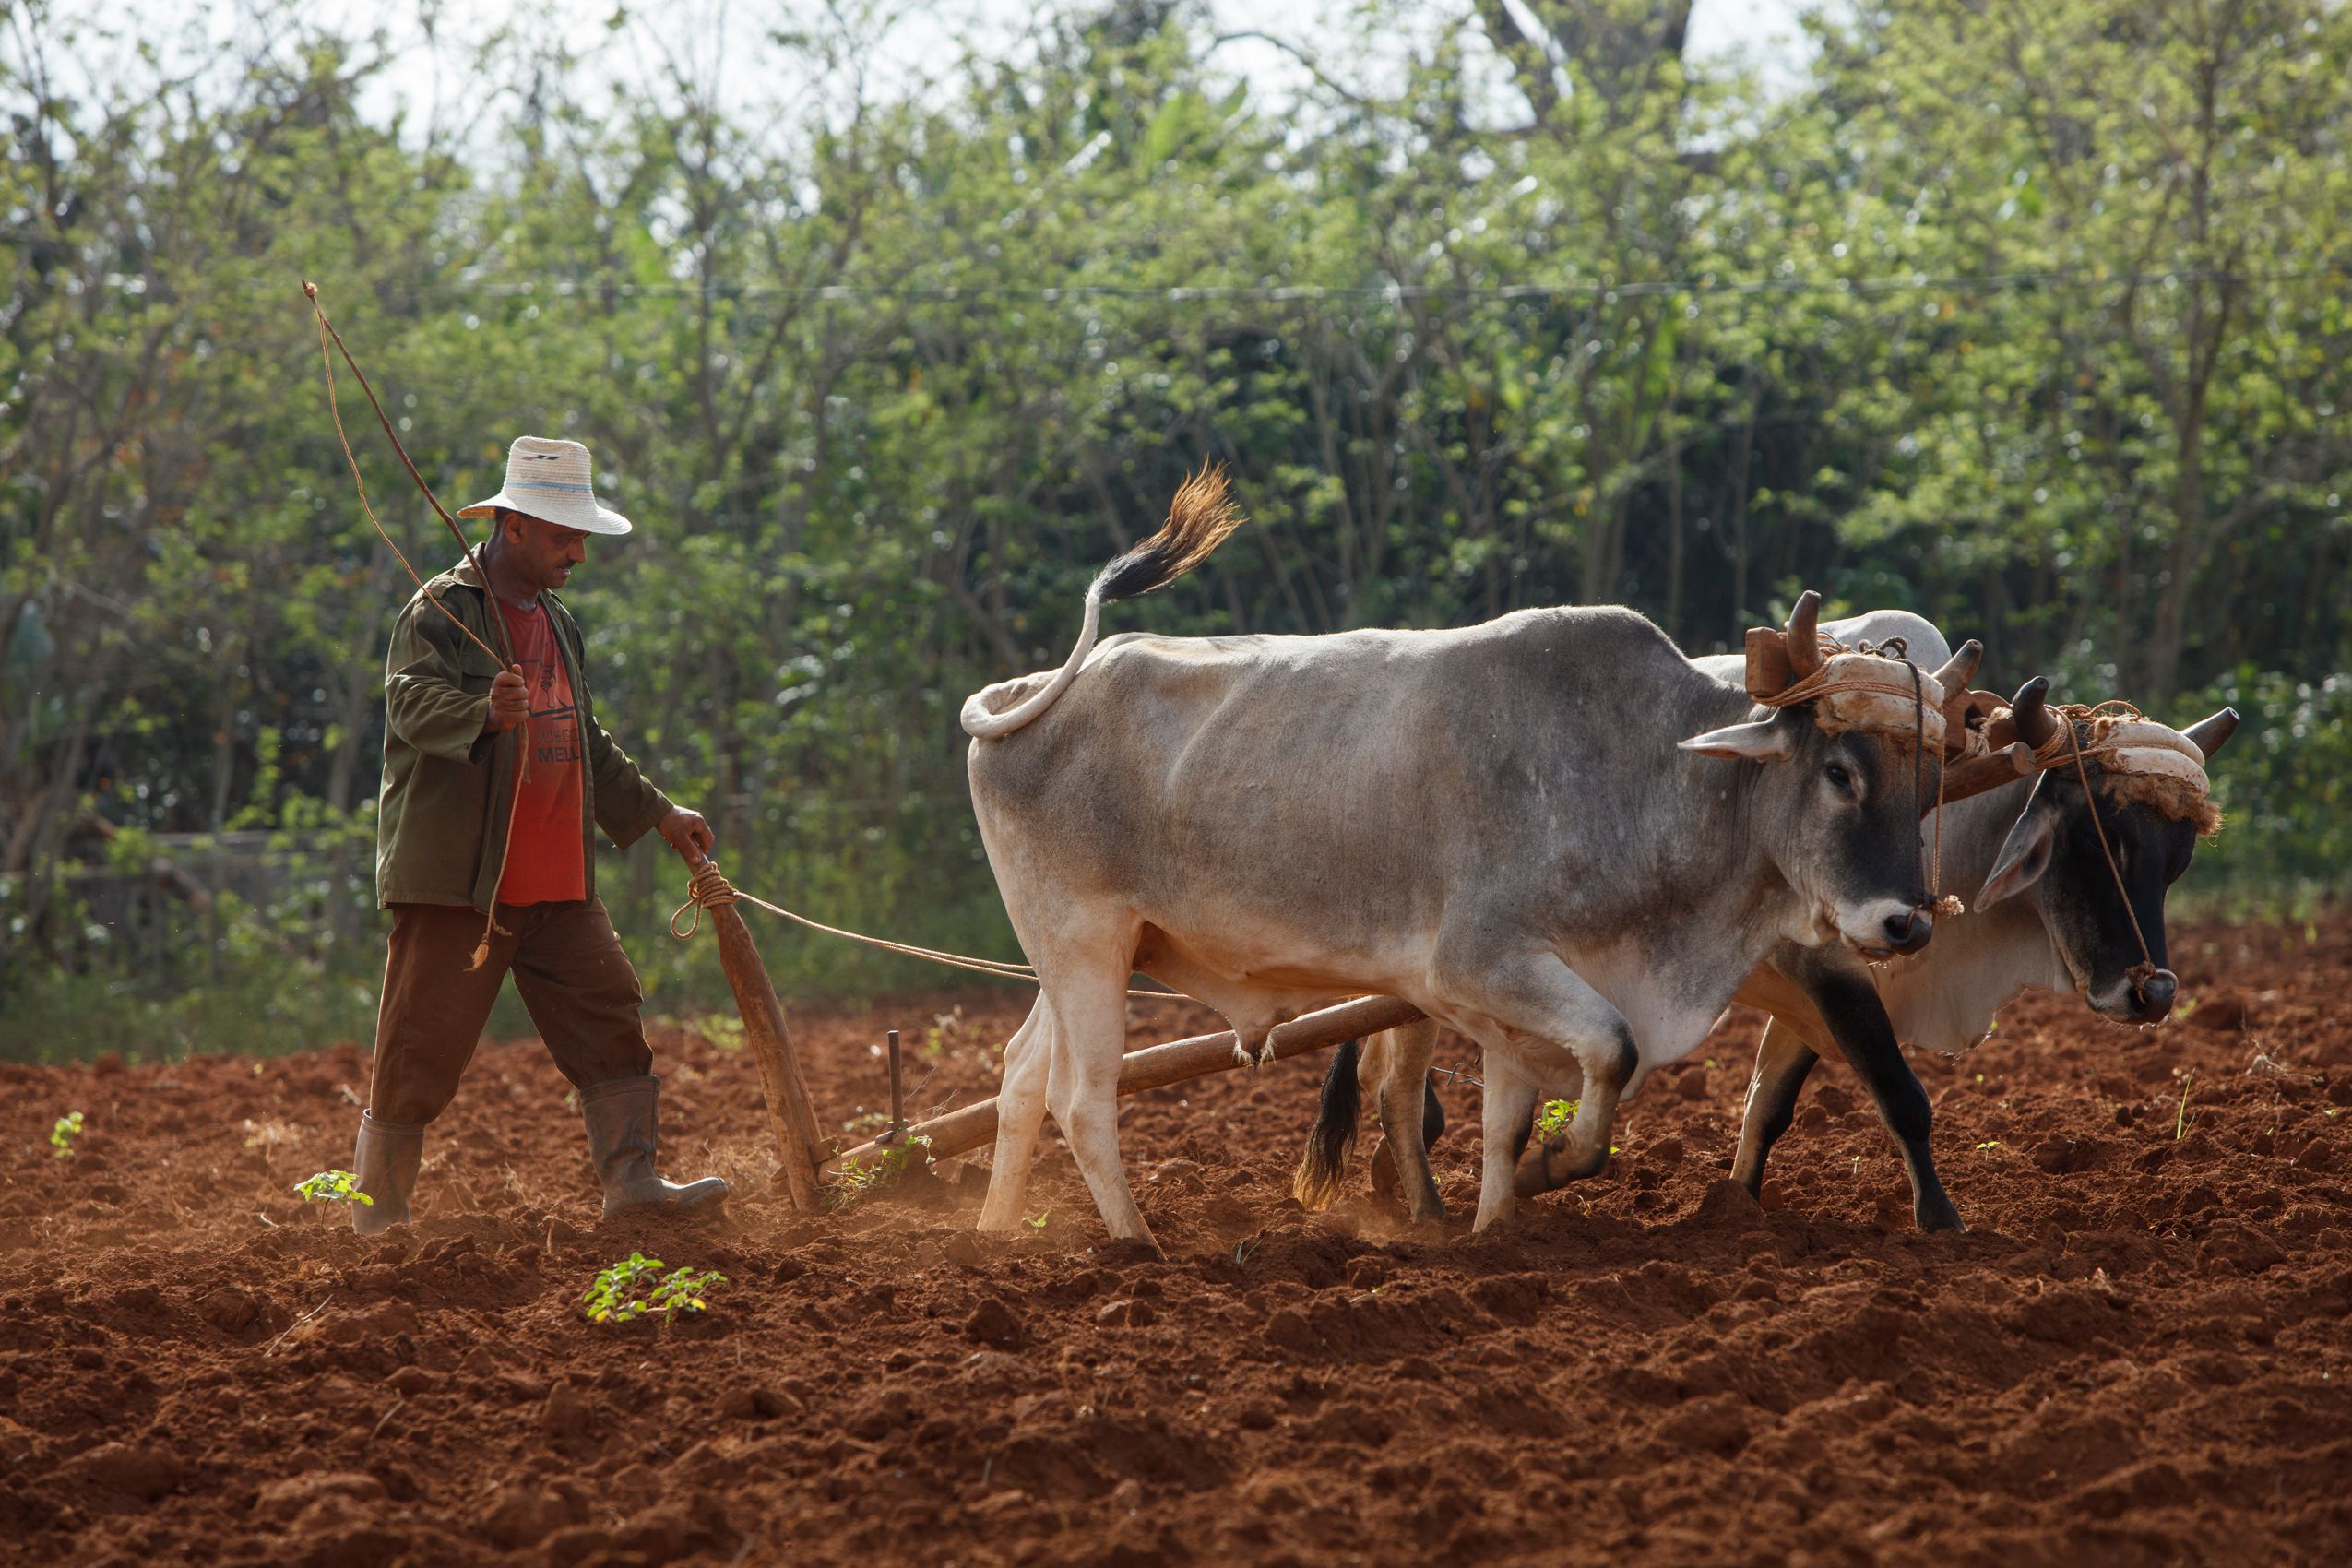 Guajiro plowing tobacco field. Vinales Valley. Cuba.